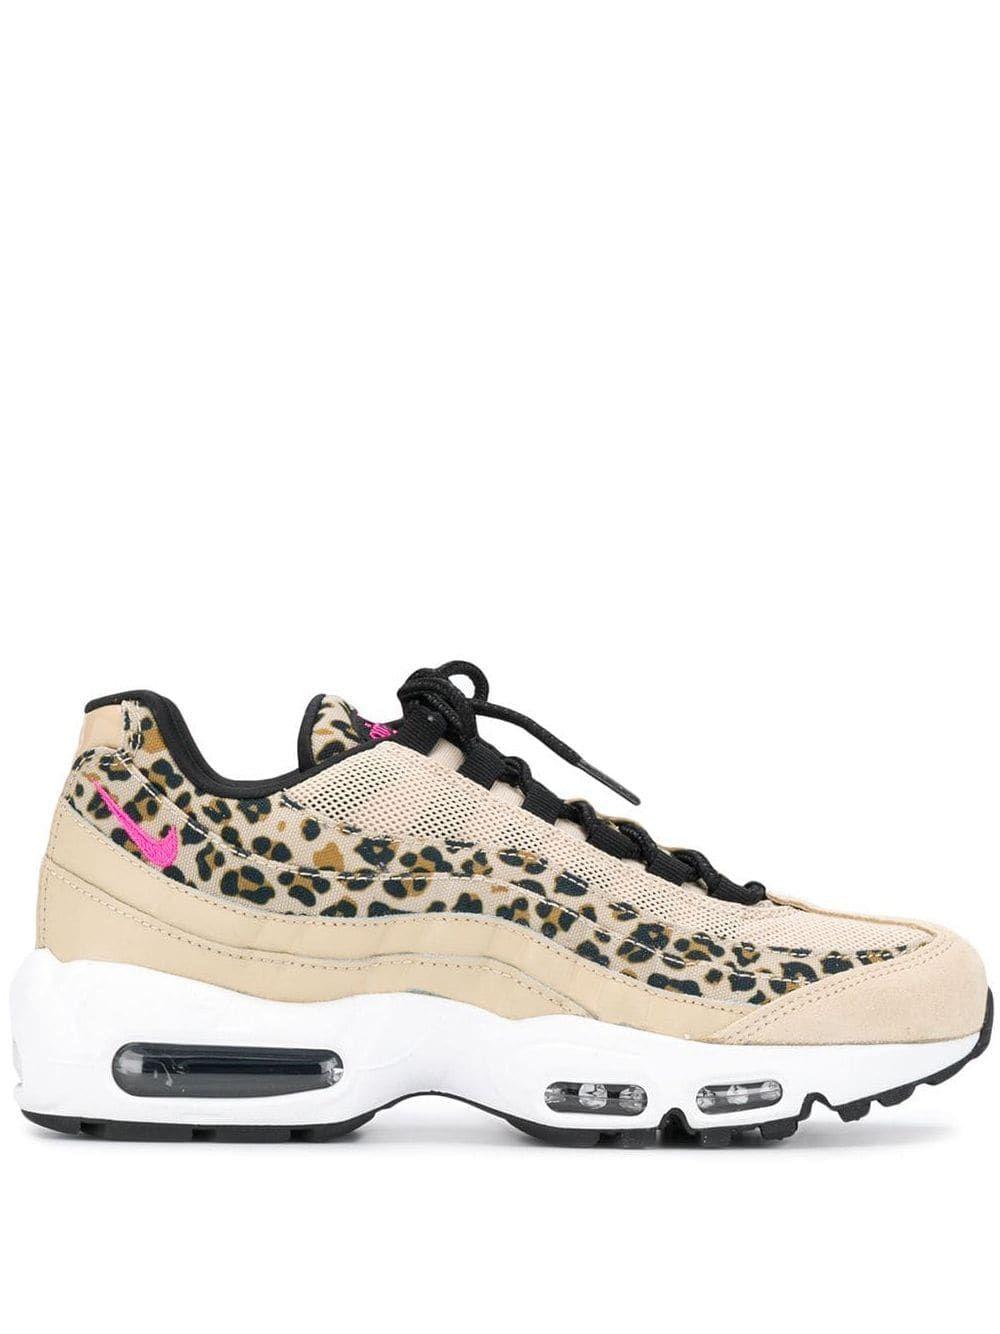 air max 95 cheetah